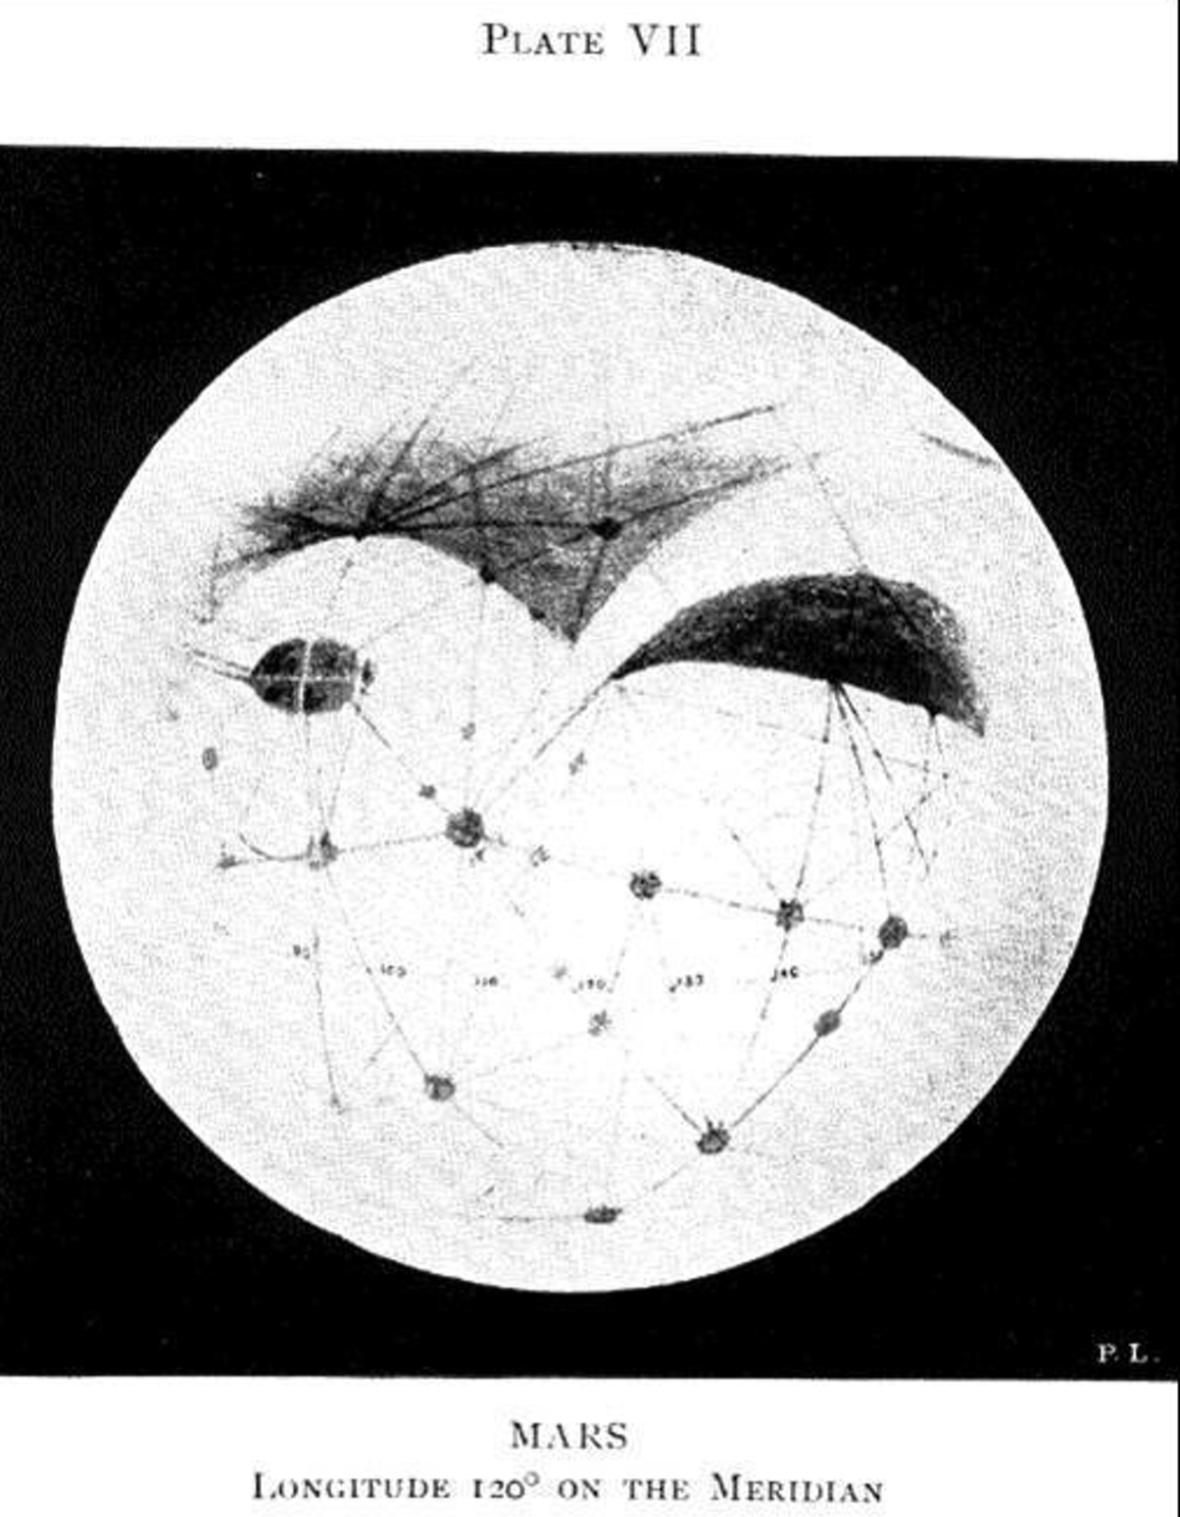 Mars Plate VII